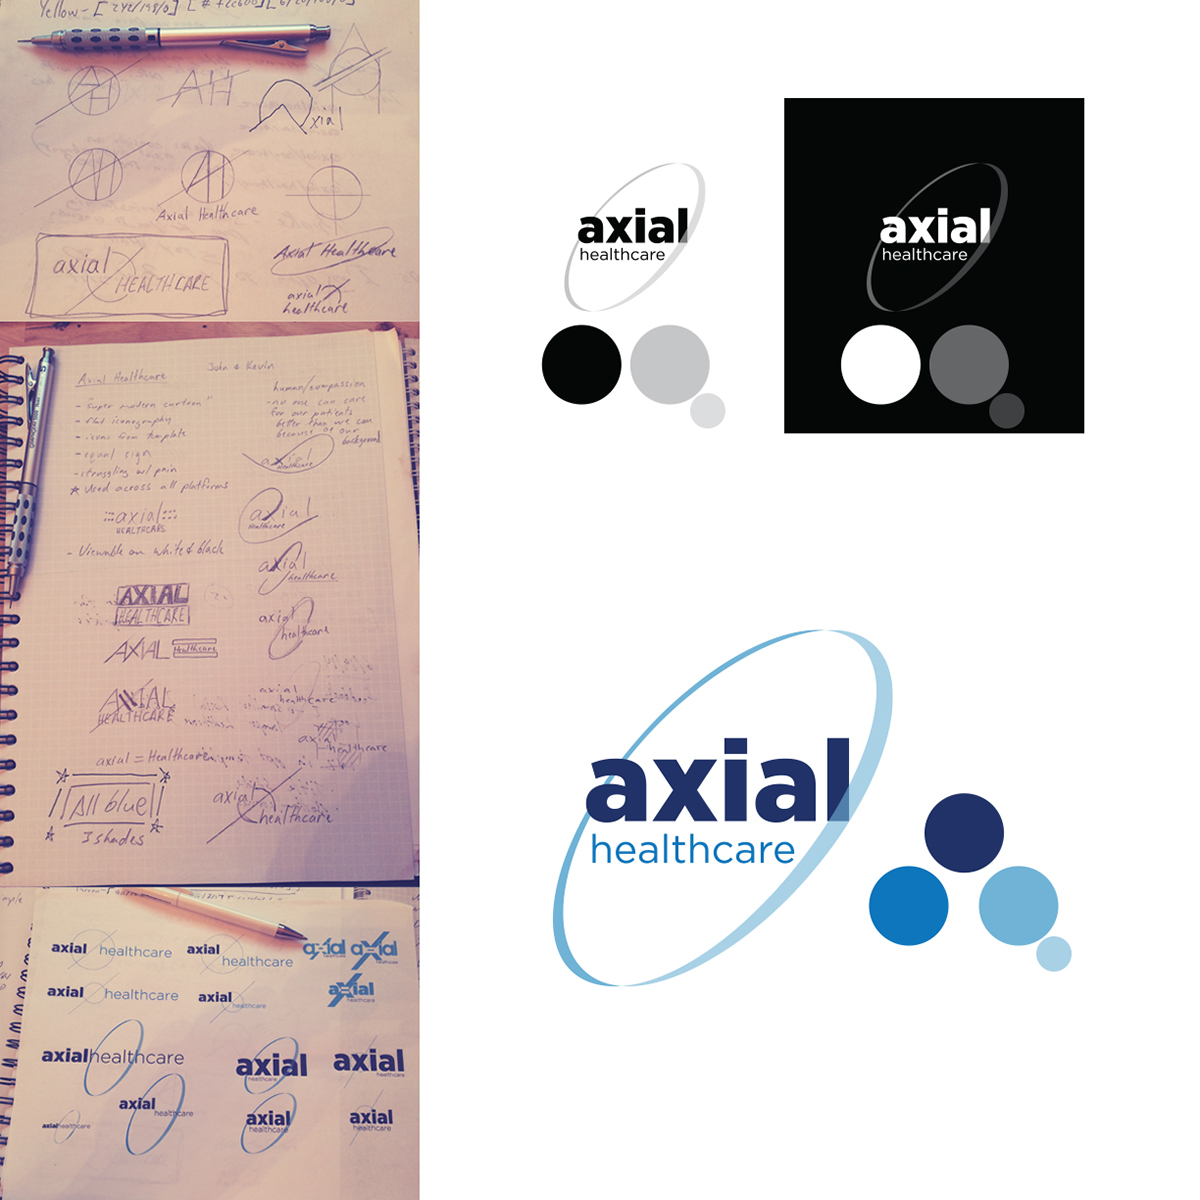 AxialHealthcare.jpg